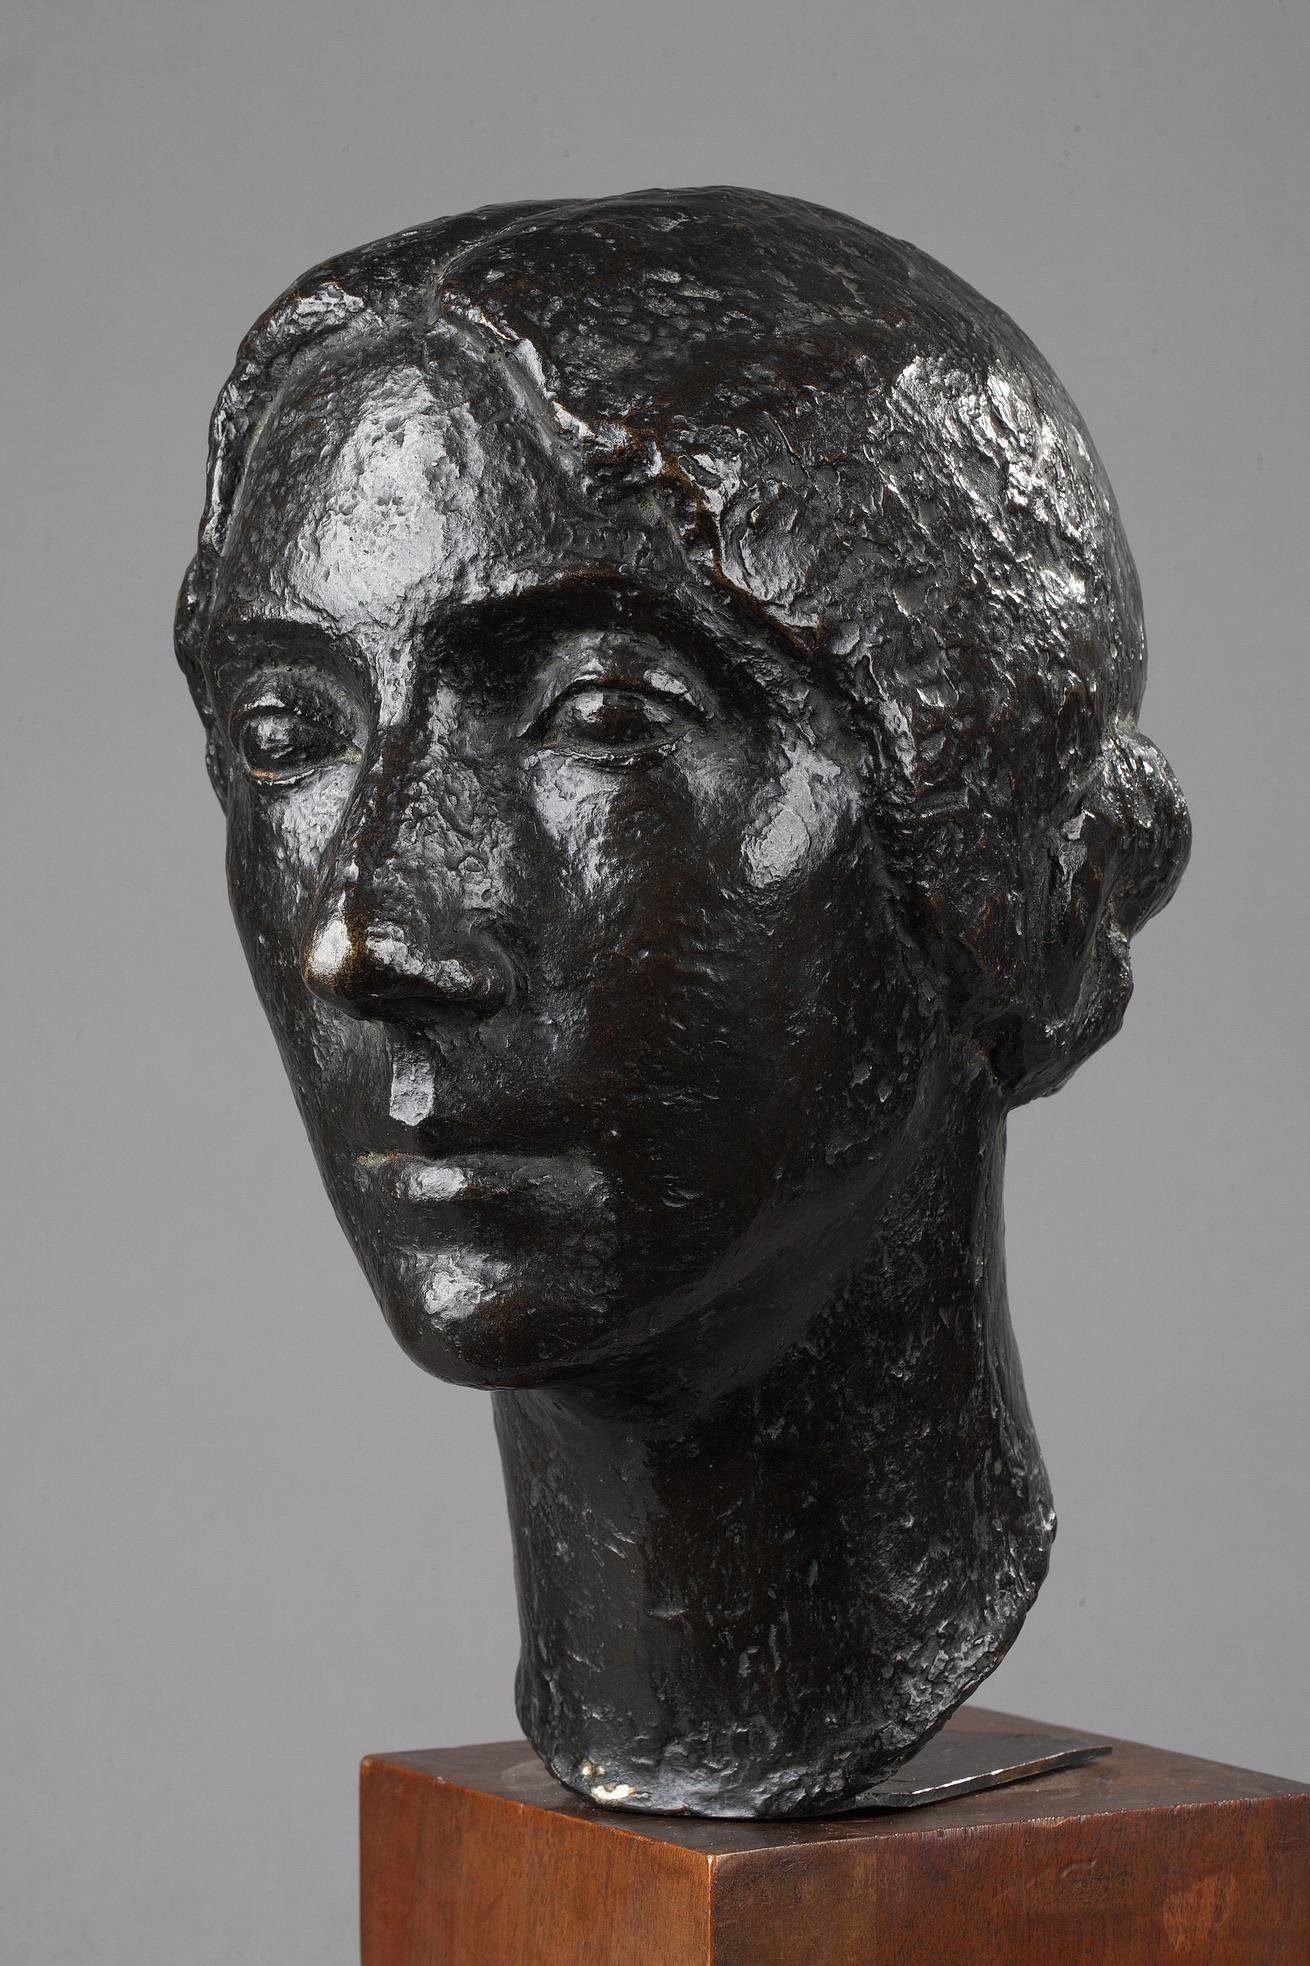 Marcel Gimond (1894-1961), Portrait de femme, bronze à patine brun foncé nuancé, socle en bois, fonte Meroni-Radice, haut. totale 49 cm, sculptures - galerie Tourbillon, Paris